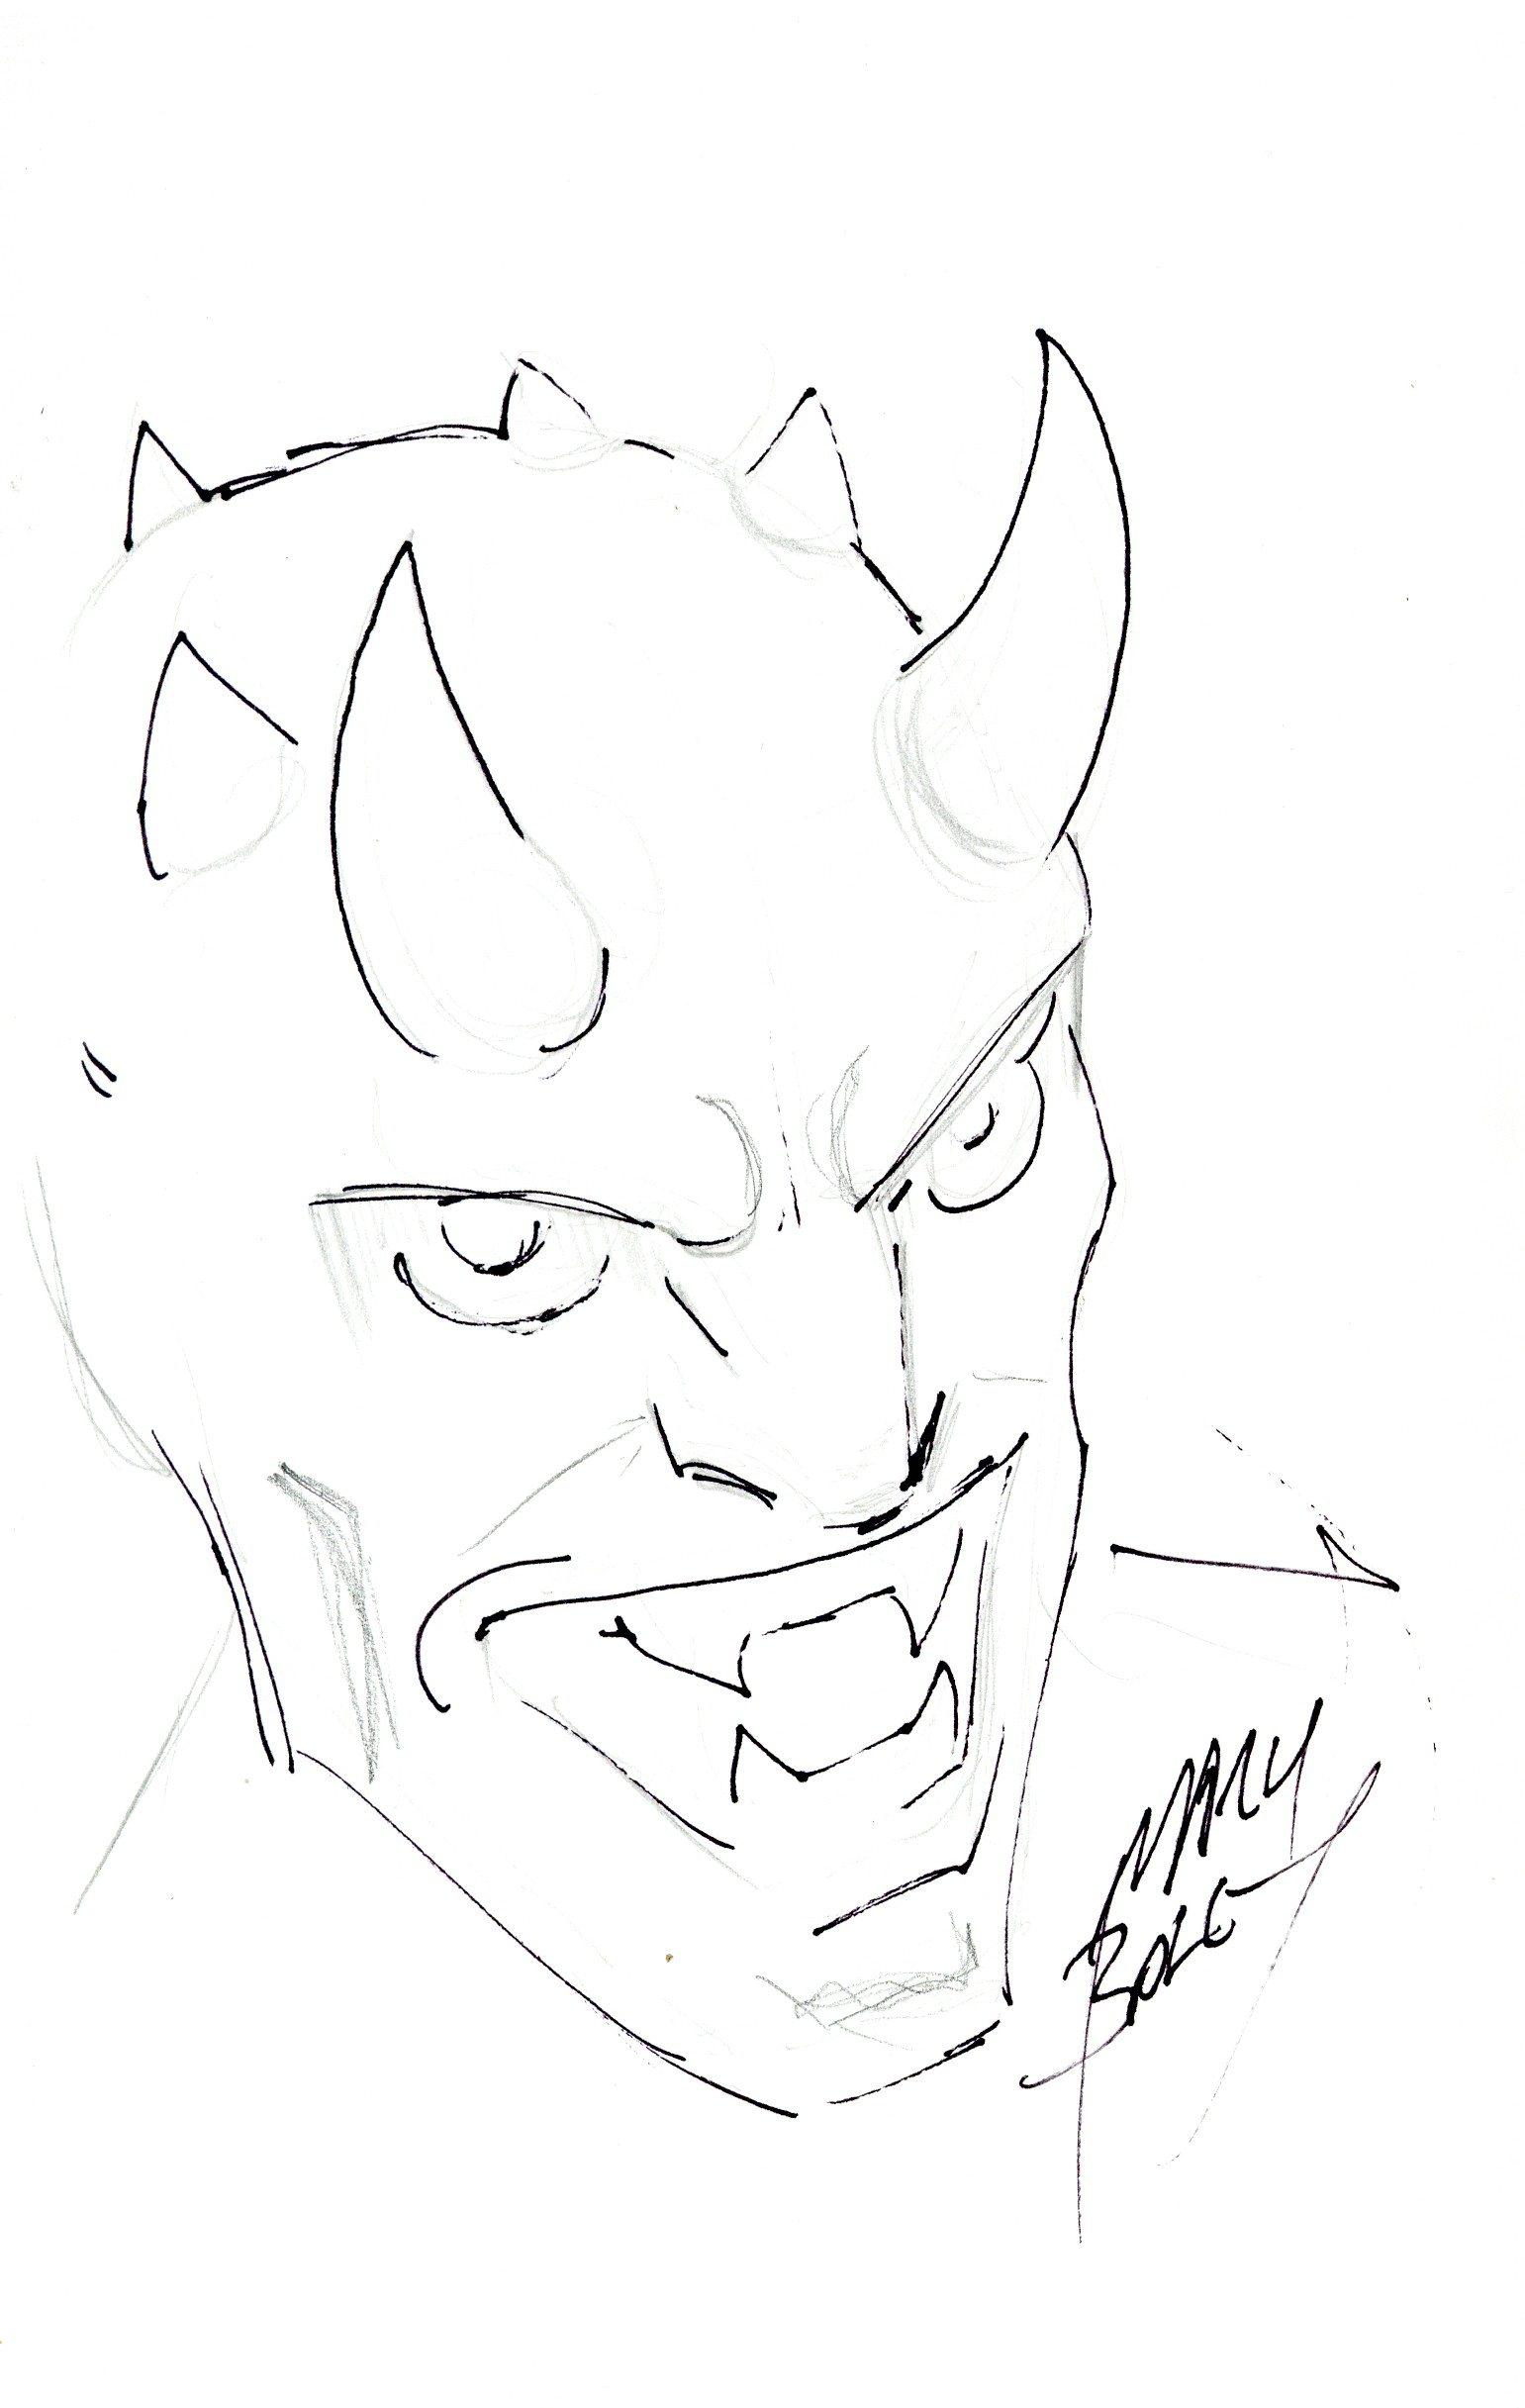 Ultimate Universe Green Goblin Sketch by Mark Bagley